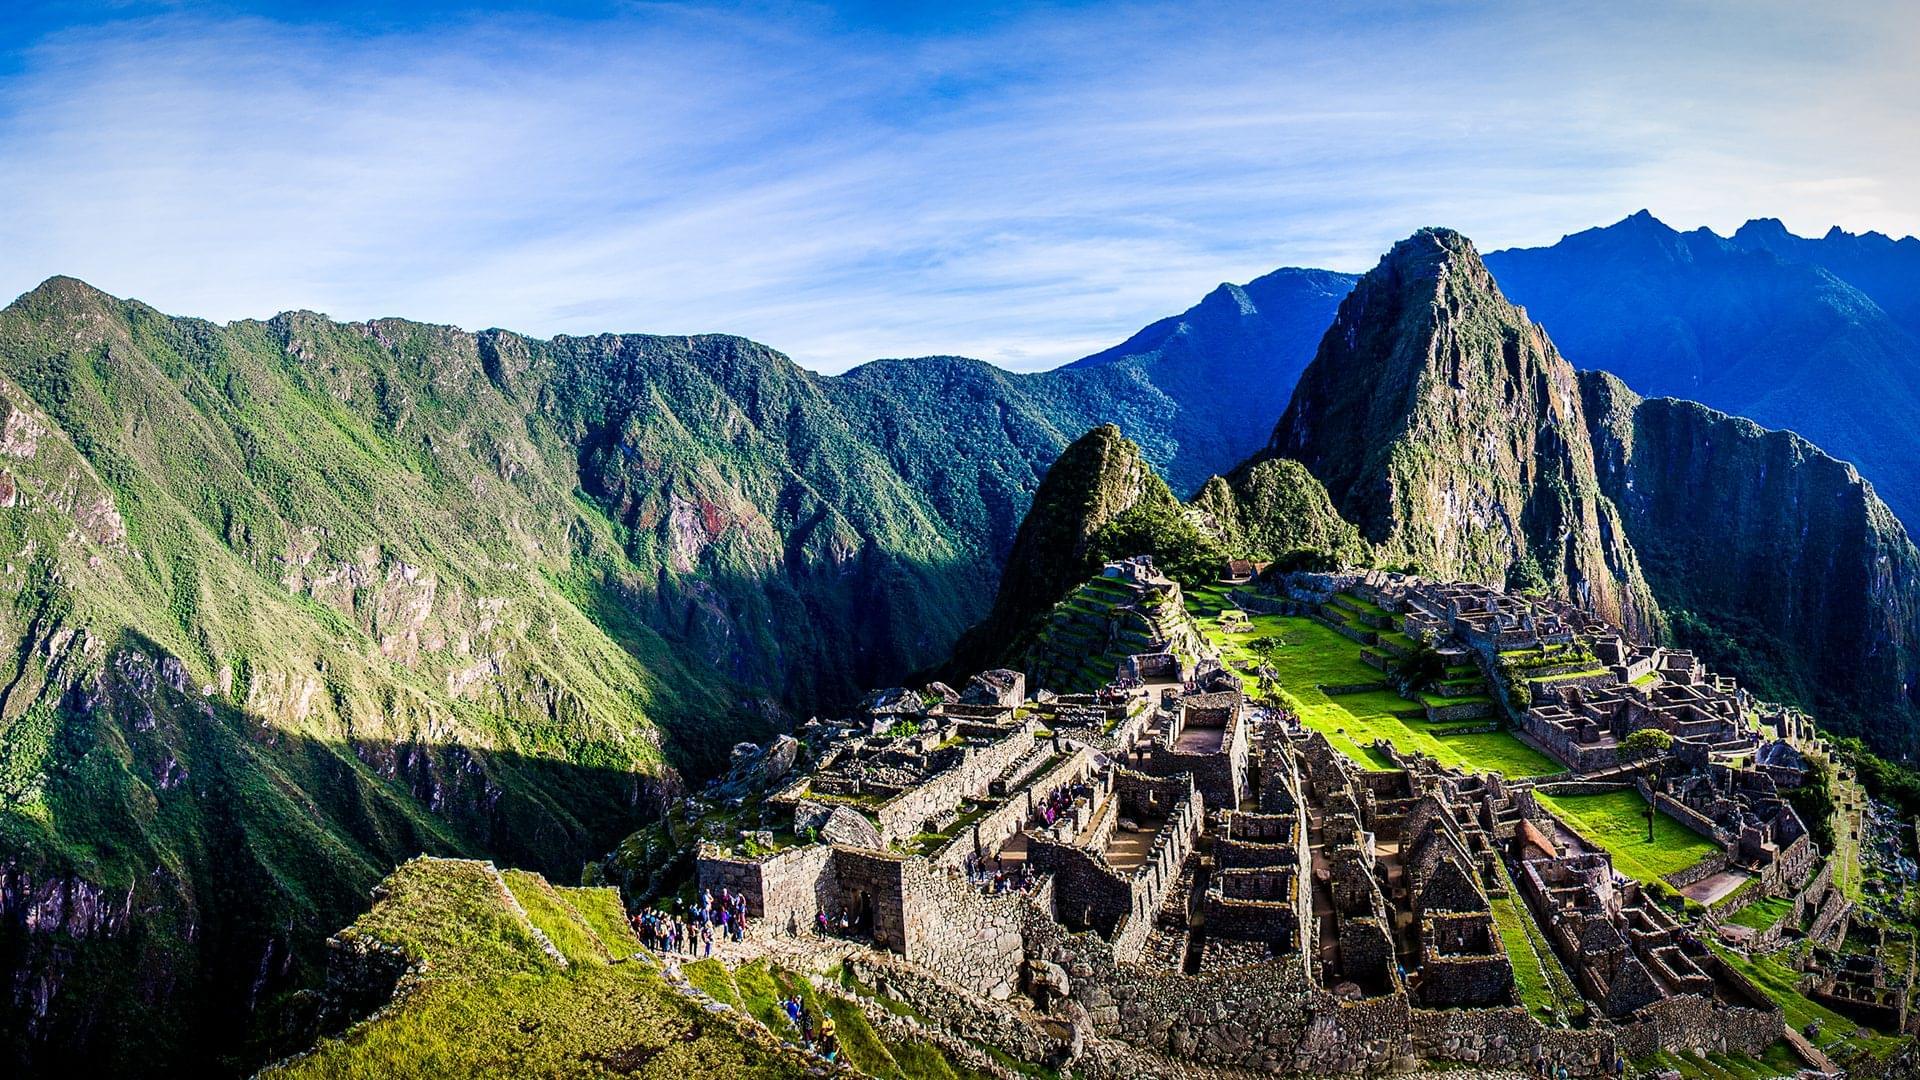 Travel Review Nice Tour to Peru